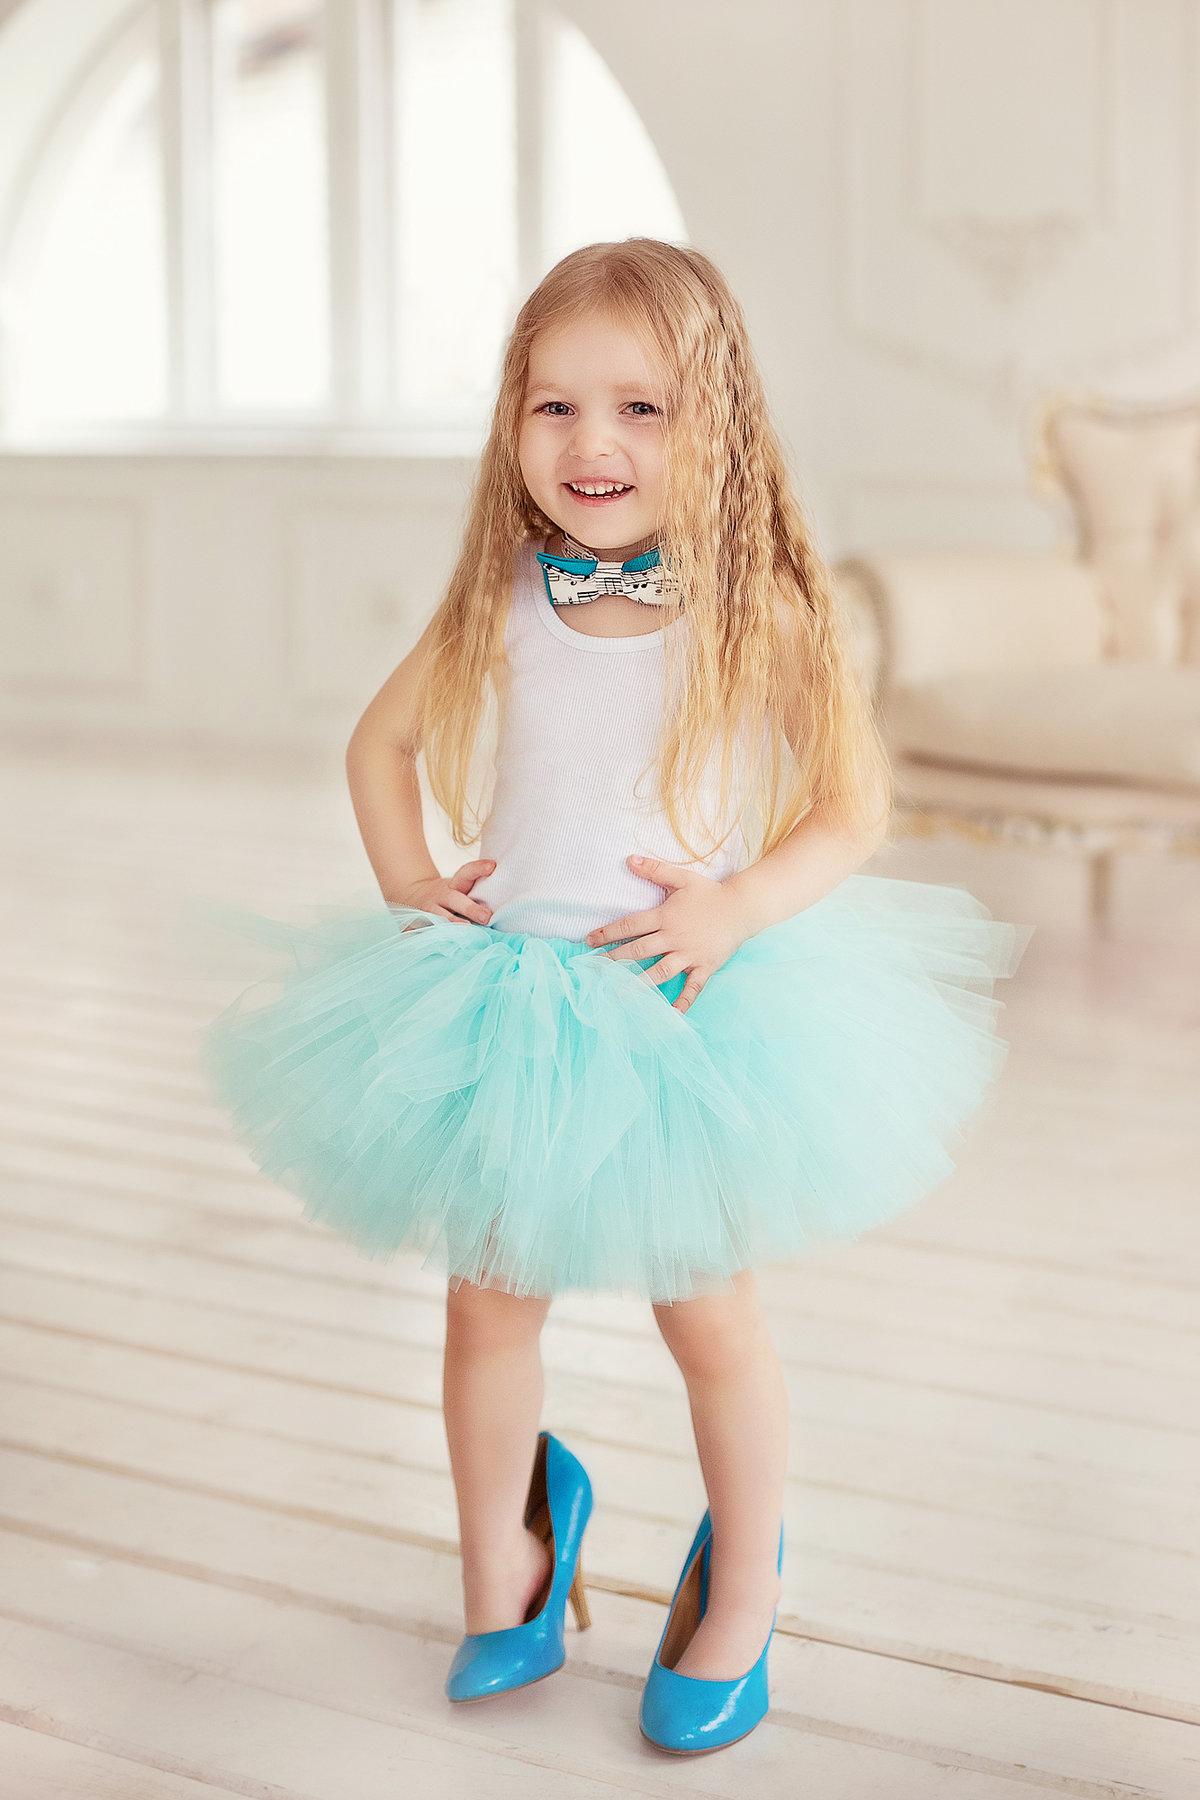 Картинка девочка в больших туфлях